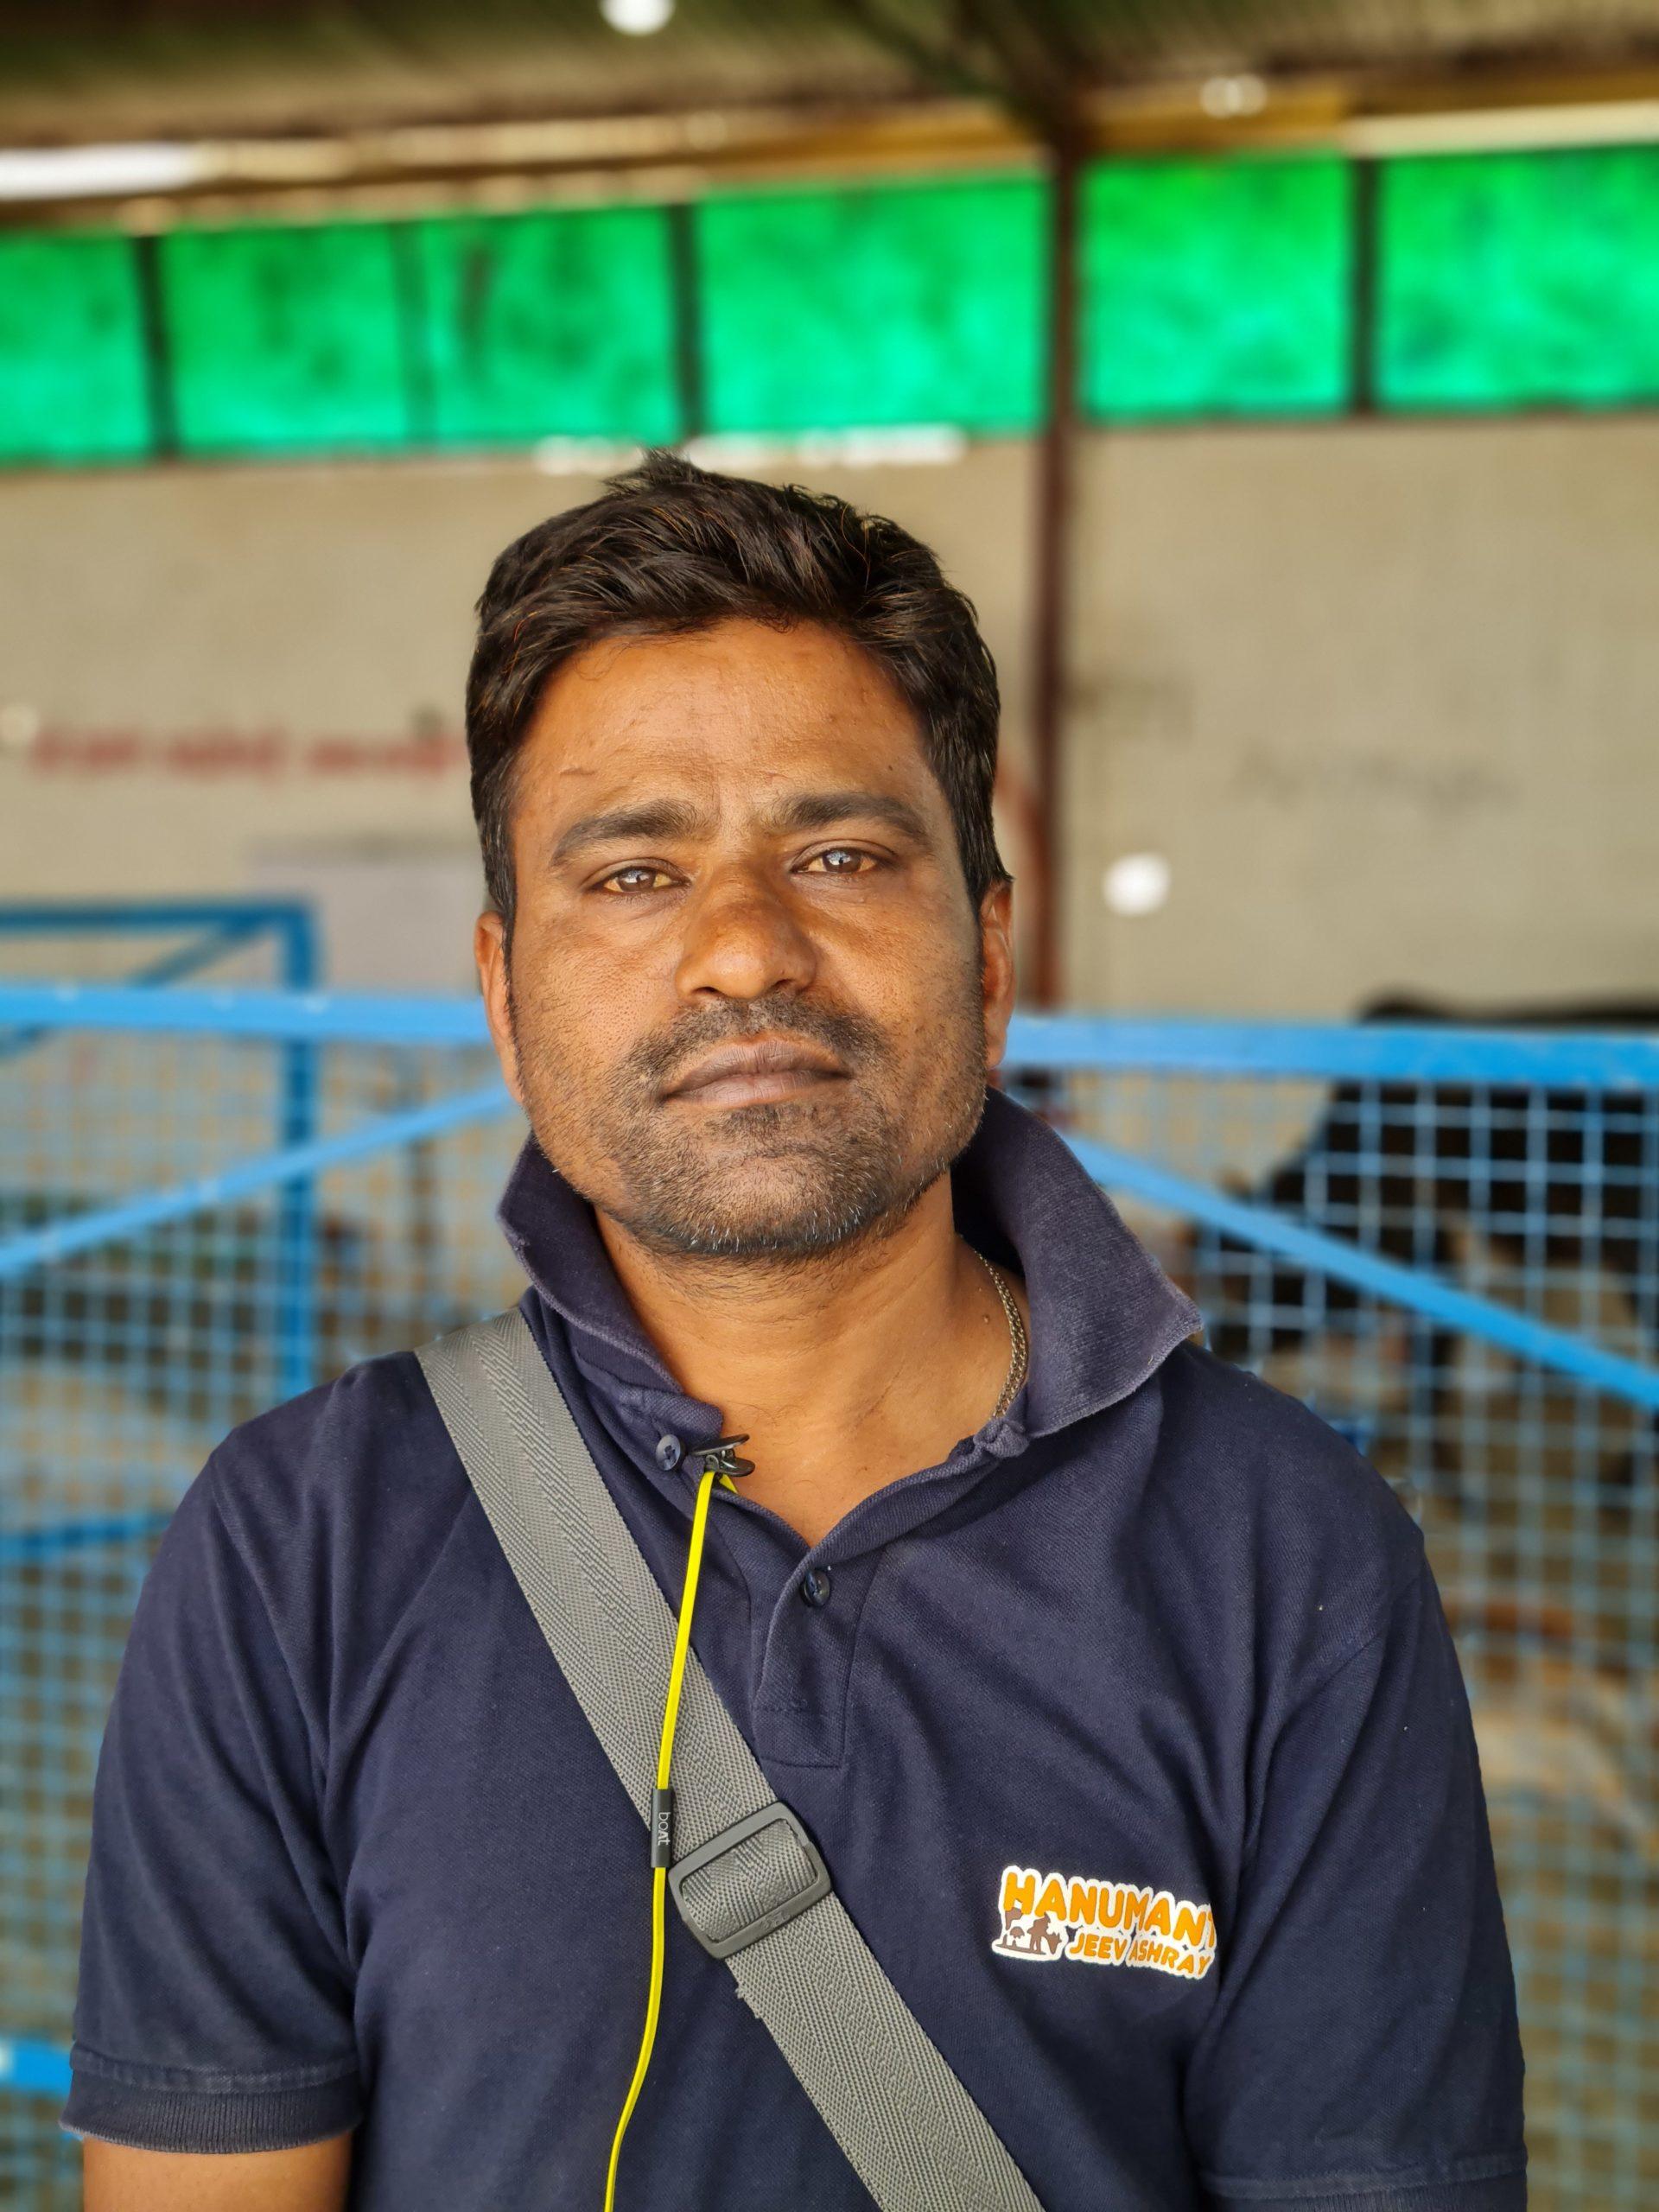 Mohd Waseeq Khan